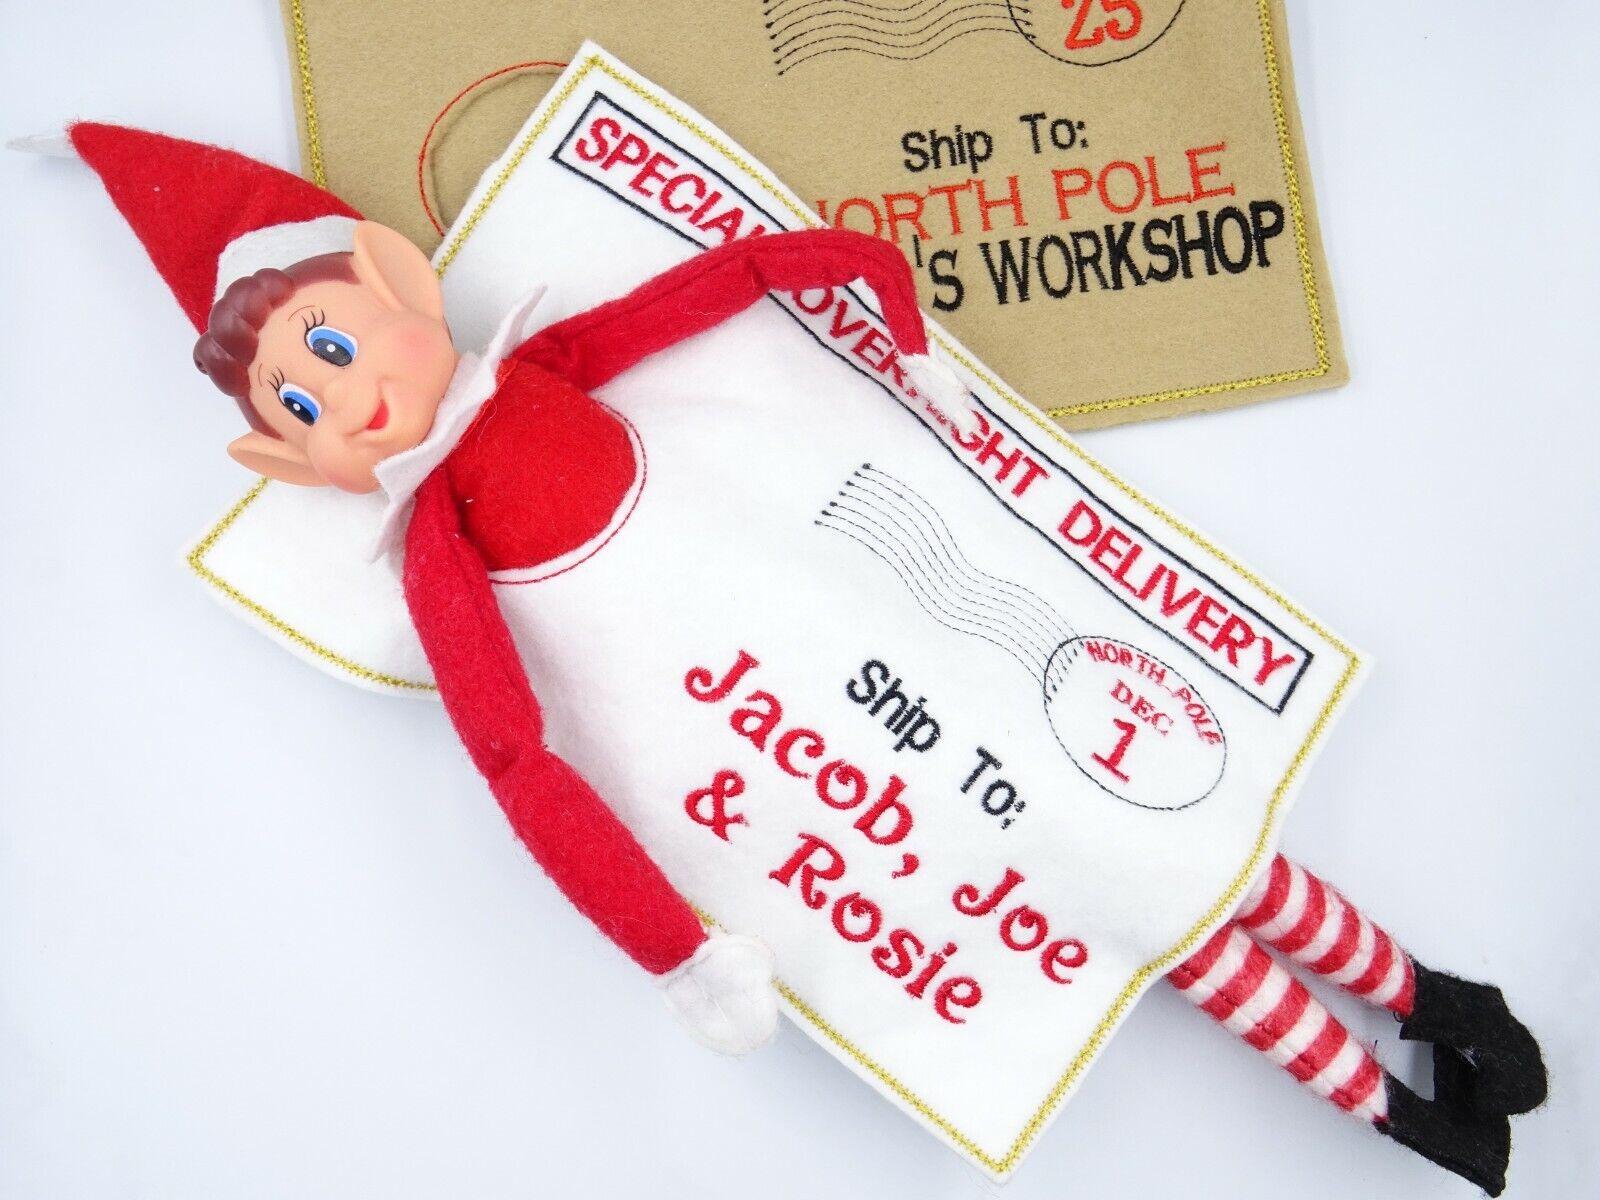 Fieltro de Navidad Personalizado Travieso Elf llegada Polo Norte bolsa de retorno envolvente